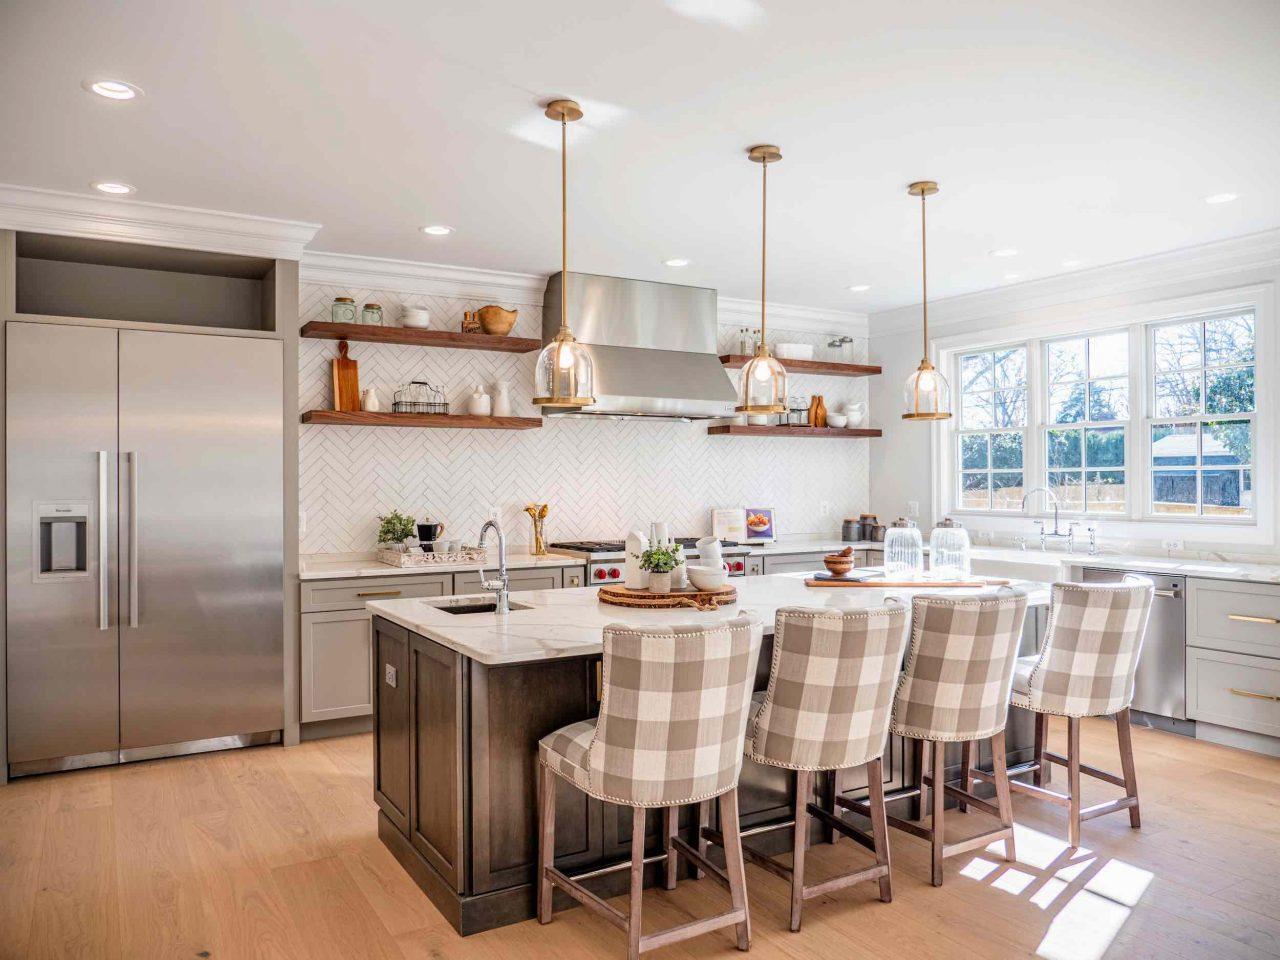 Farmhouse kitchen with engineered hardwood flooring